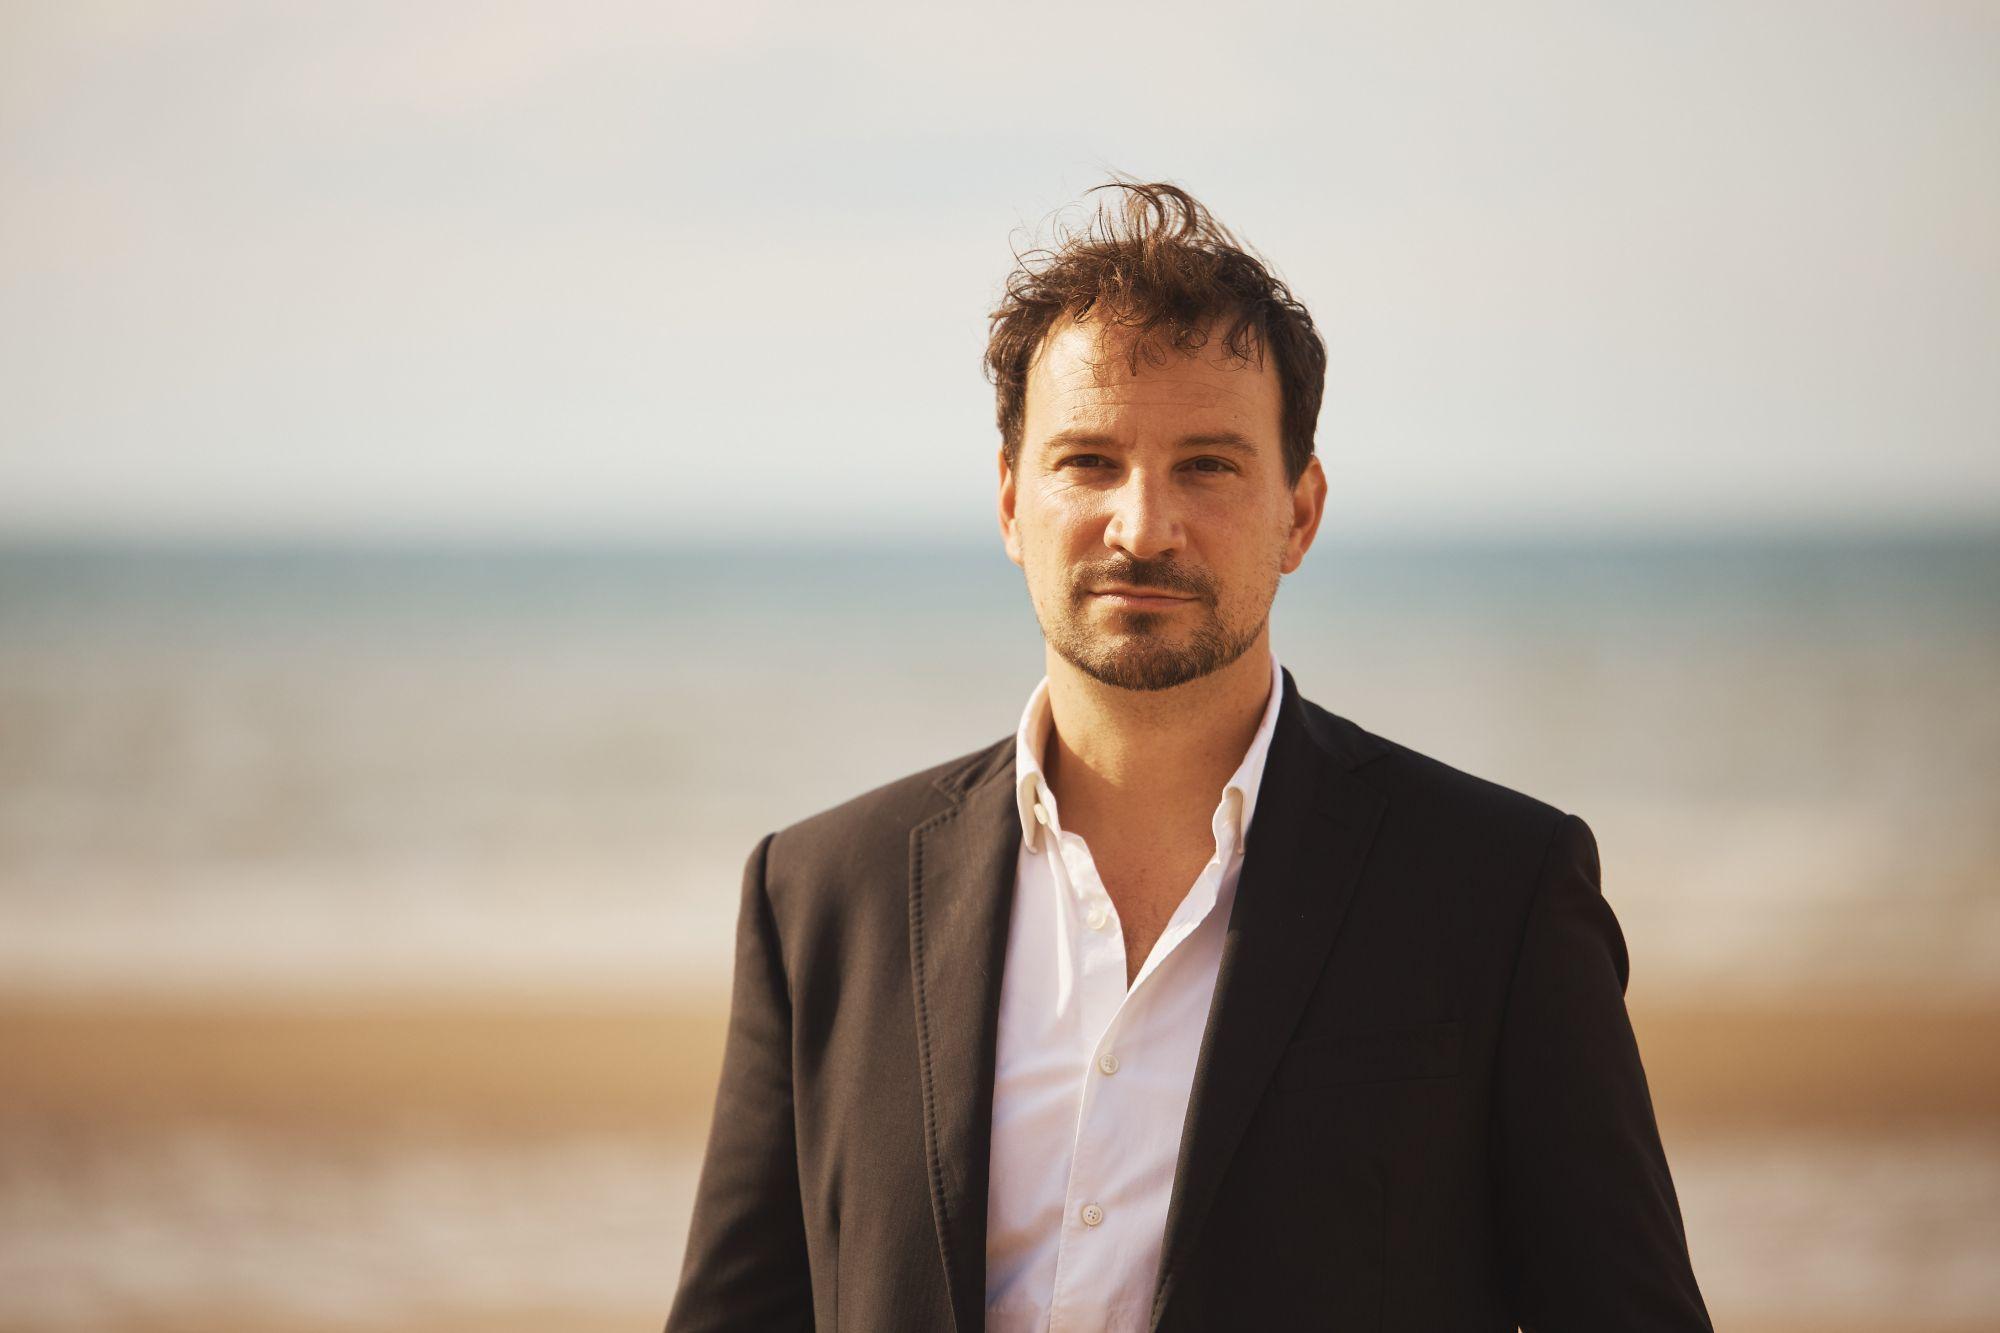 Valerio Mieli (réalisateur) venu présenter